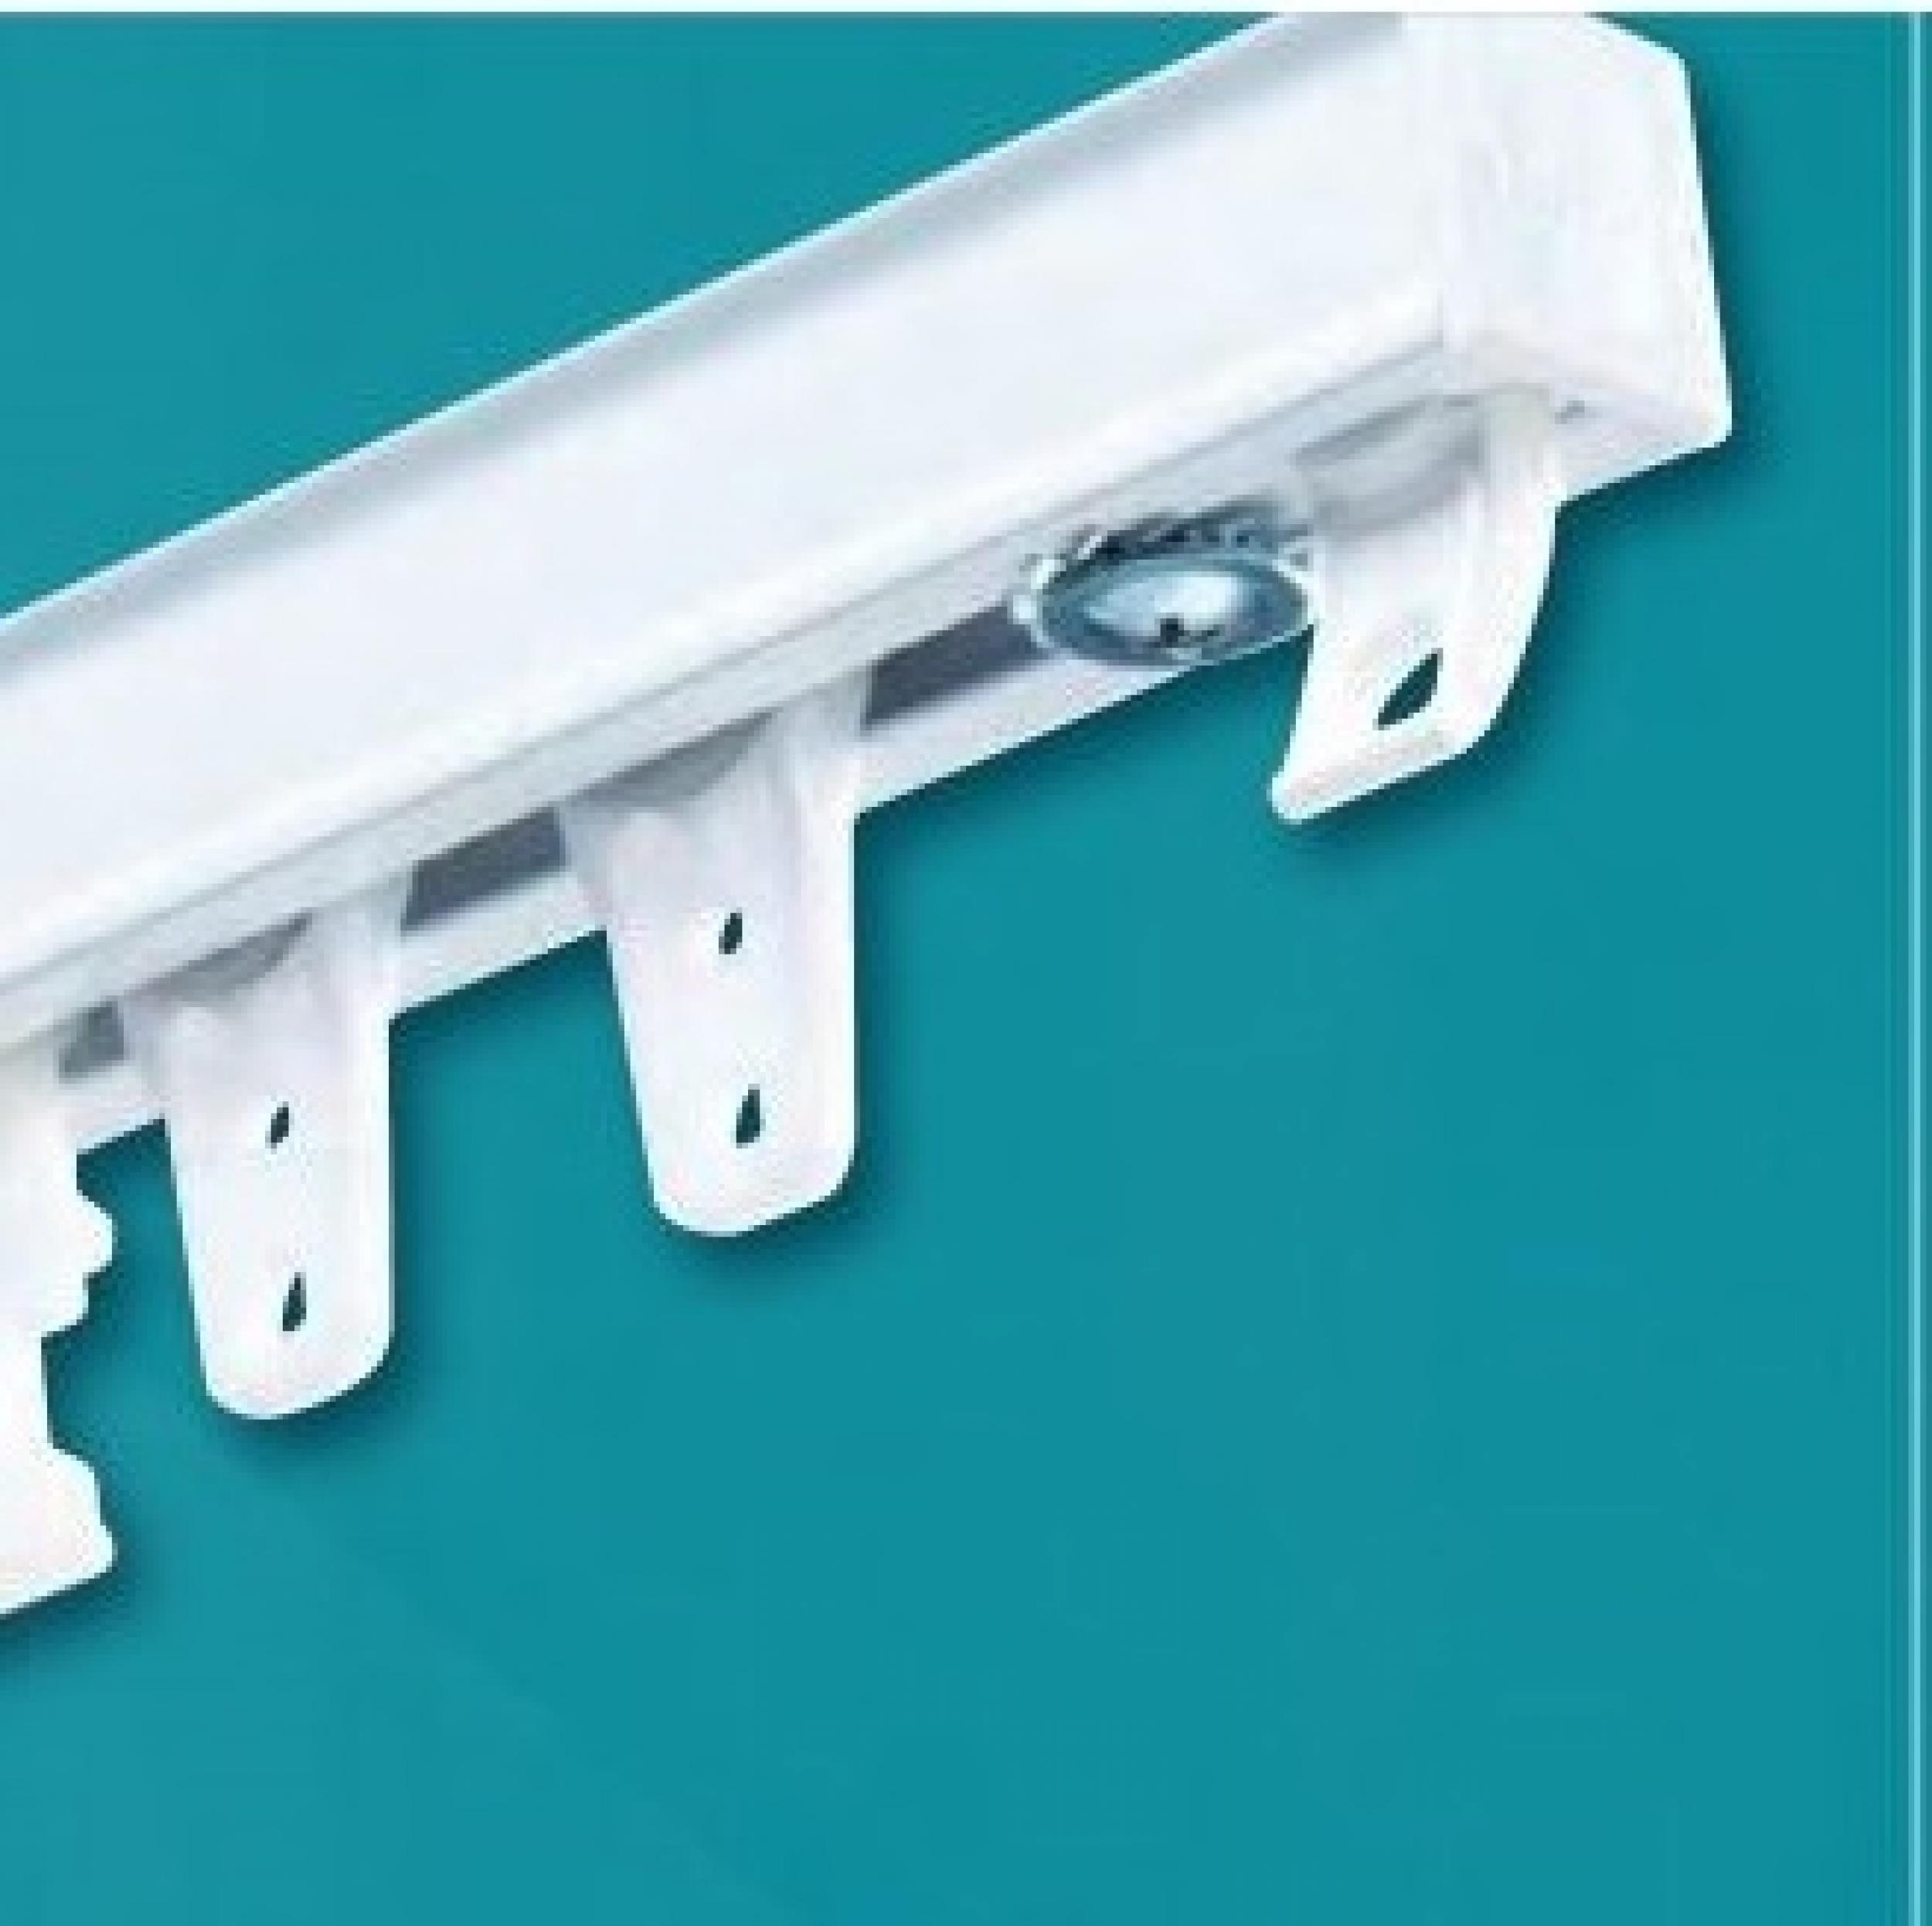 Barre Rideau Fixation Plafond rail cs pour rideau très lourd (avec roulement à billes) - l